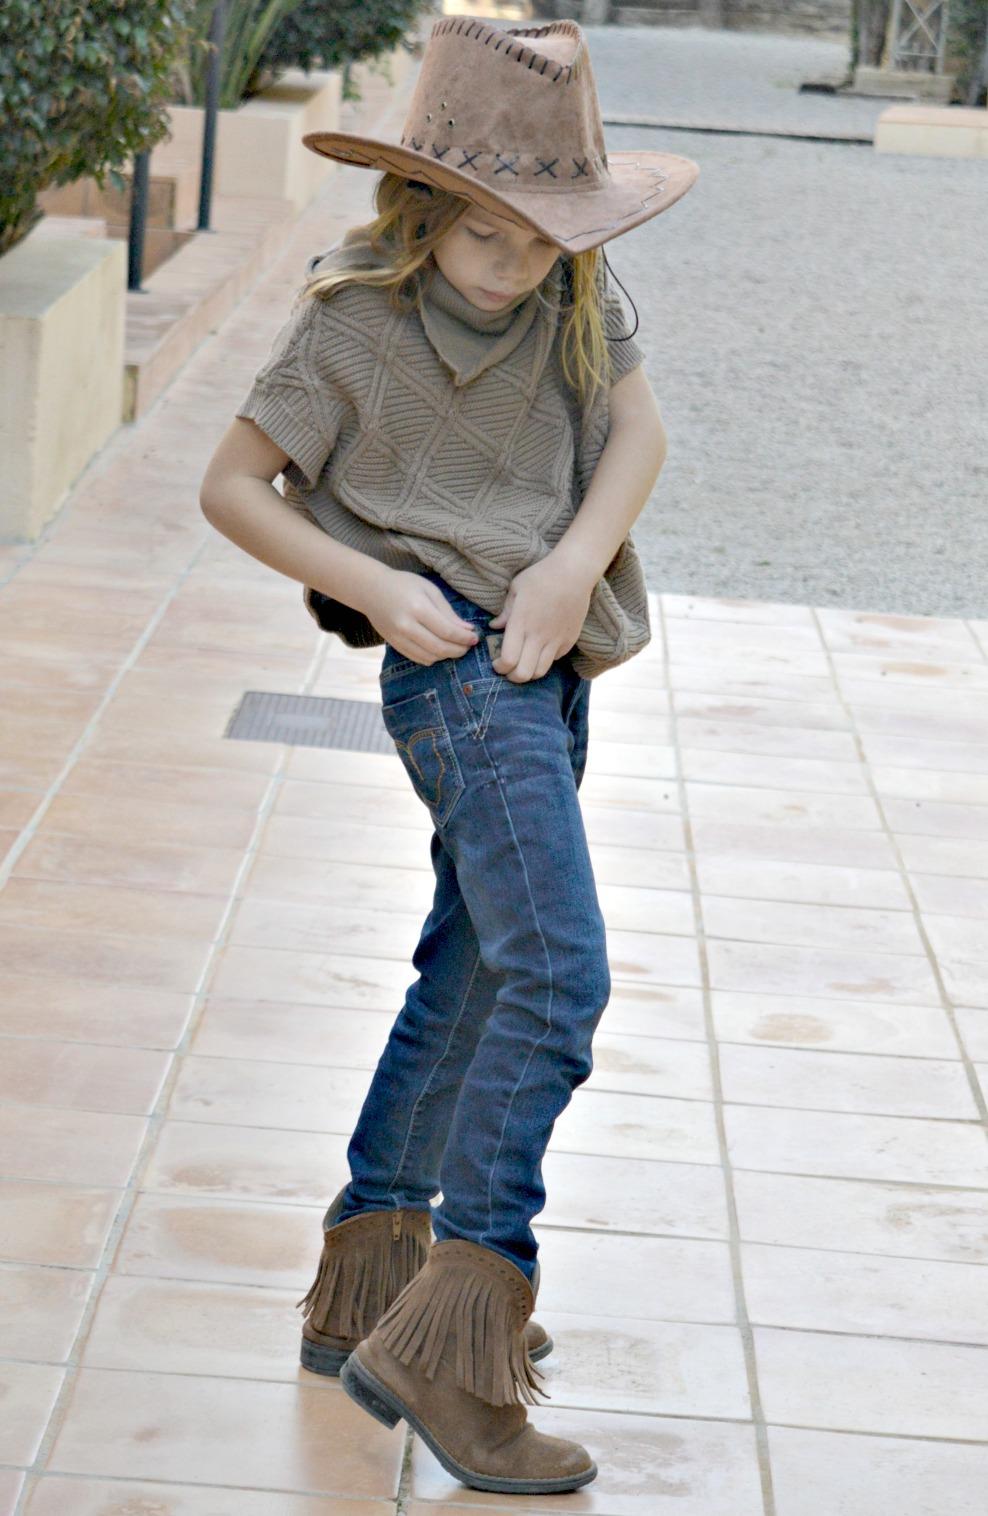 calzados-piulin-marianitas-tlp-blog-de-moda-infantil-3